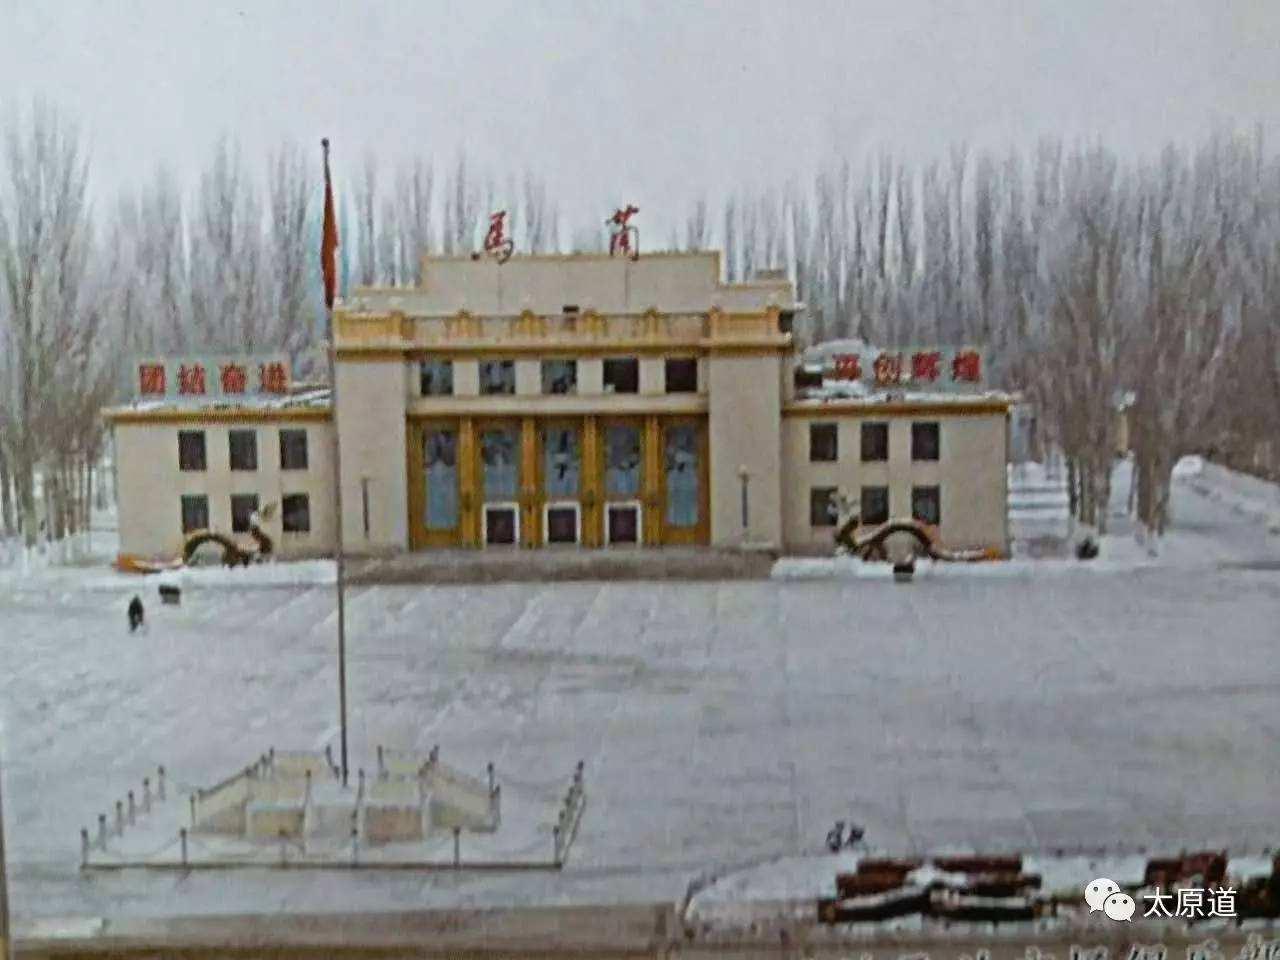 中国首个核试验基地创建初期纪事